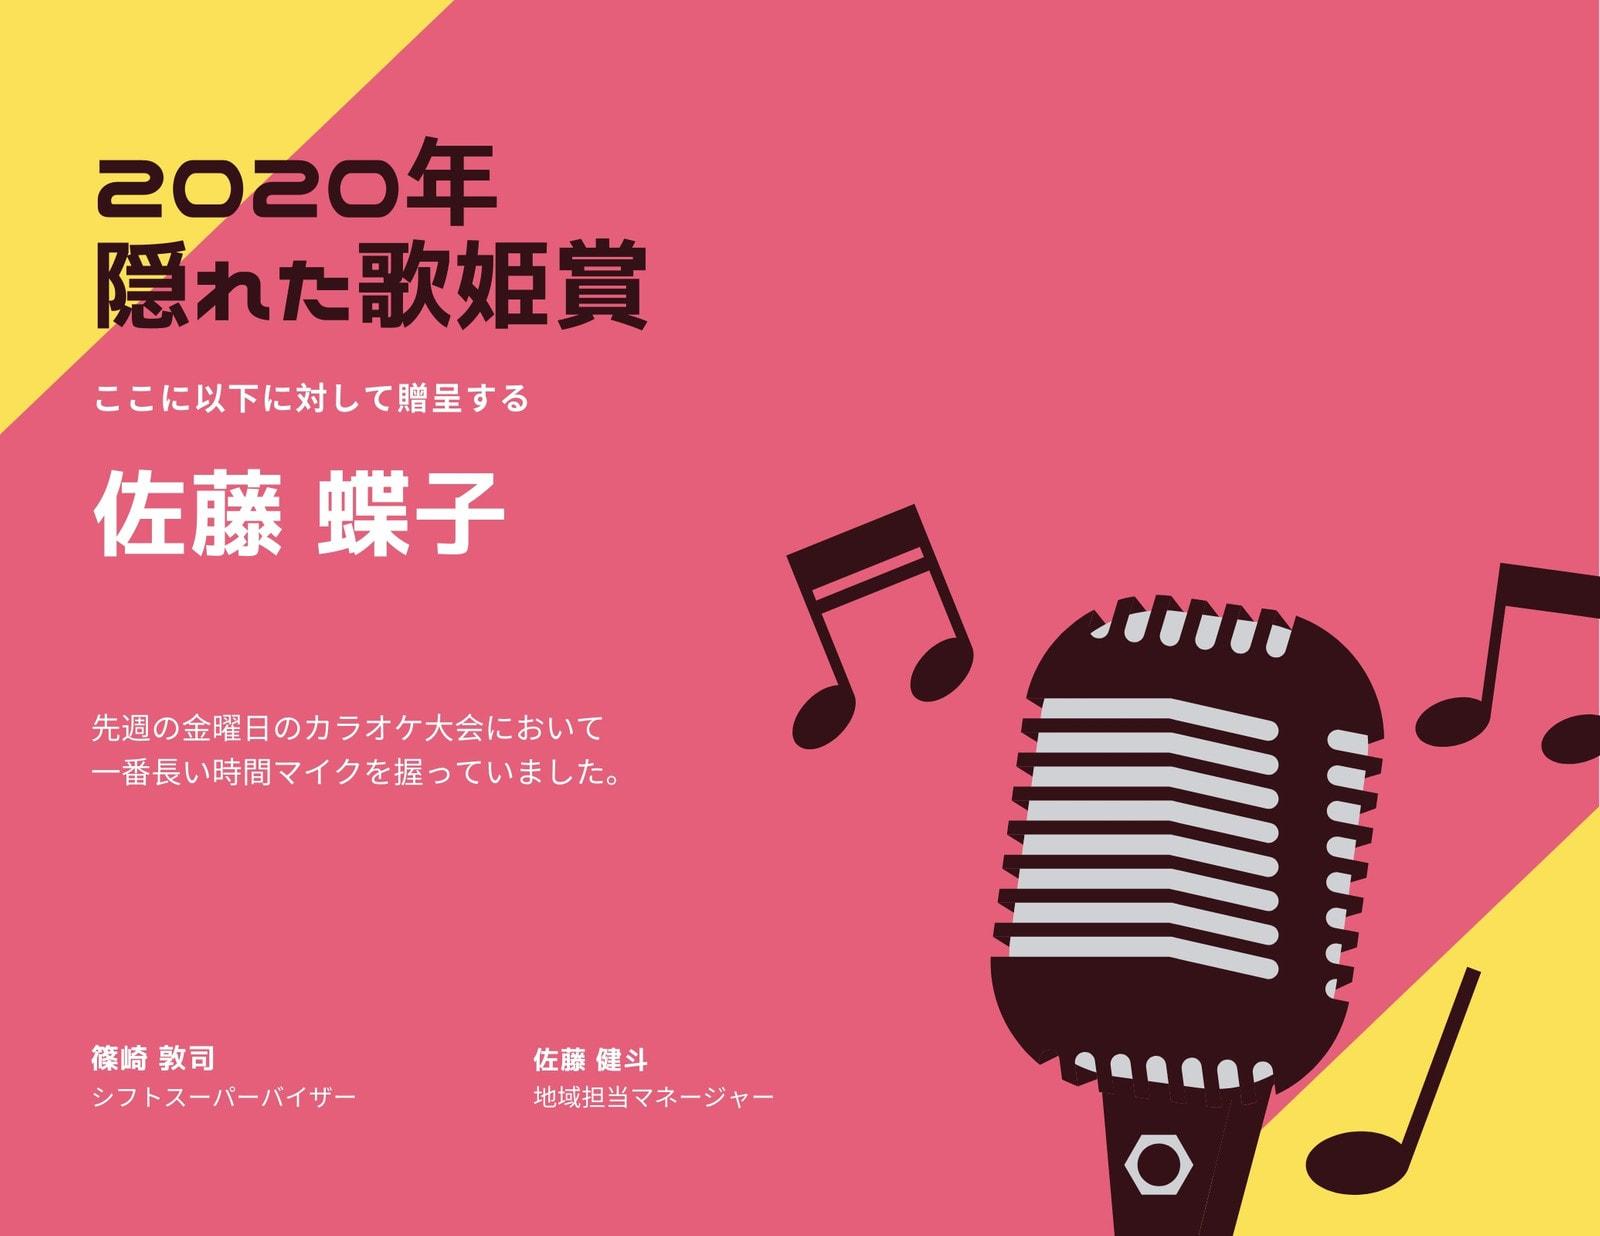 ピンク カラオケ 面白い賞